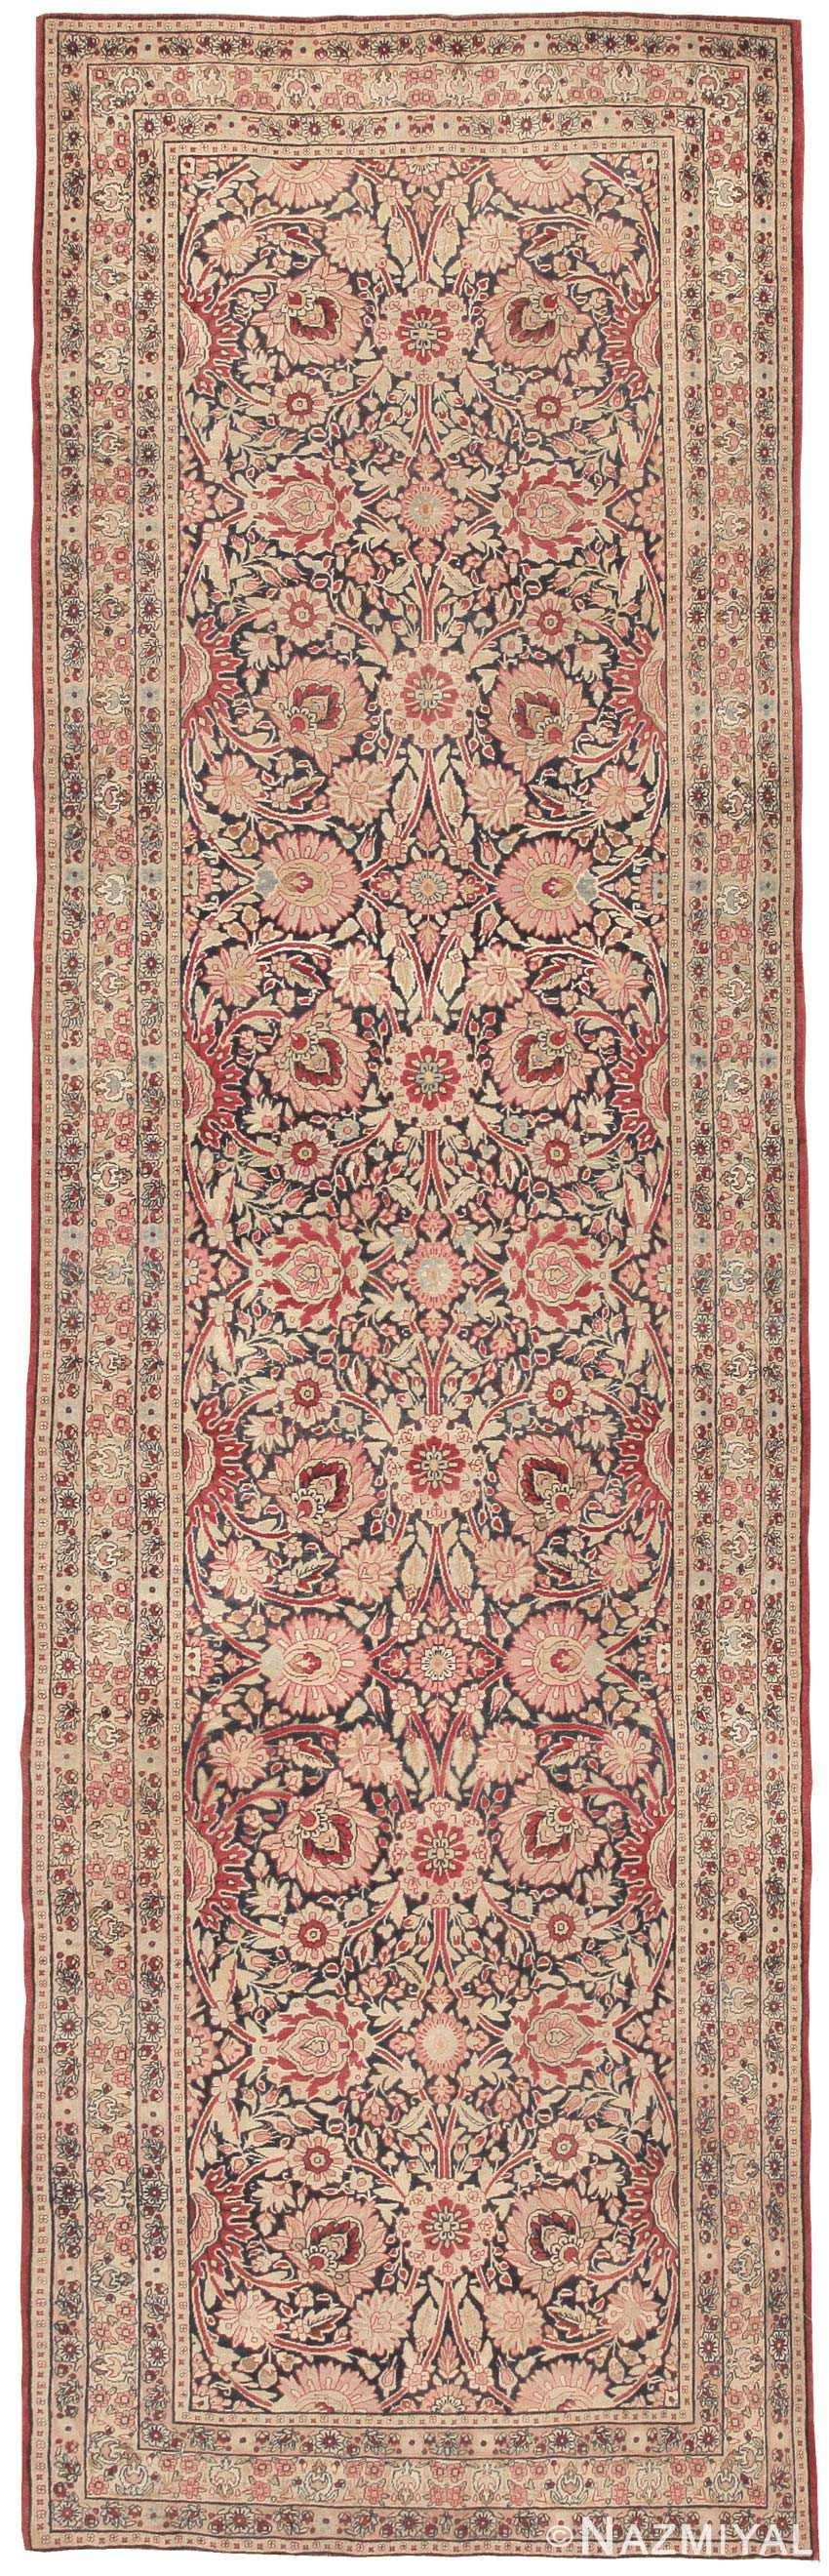 Antique Kerman Persian Rug 44580 Nazmiyal